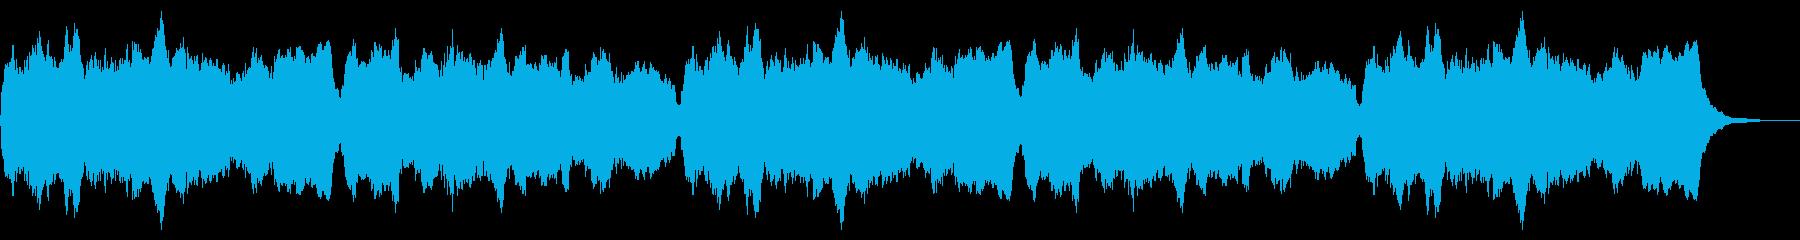 賛美歌「おどろくばかりの」パイプオルガンの再生済みの波形